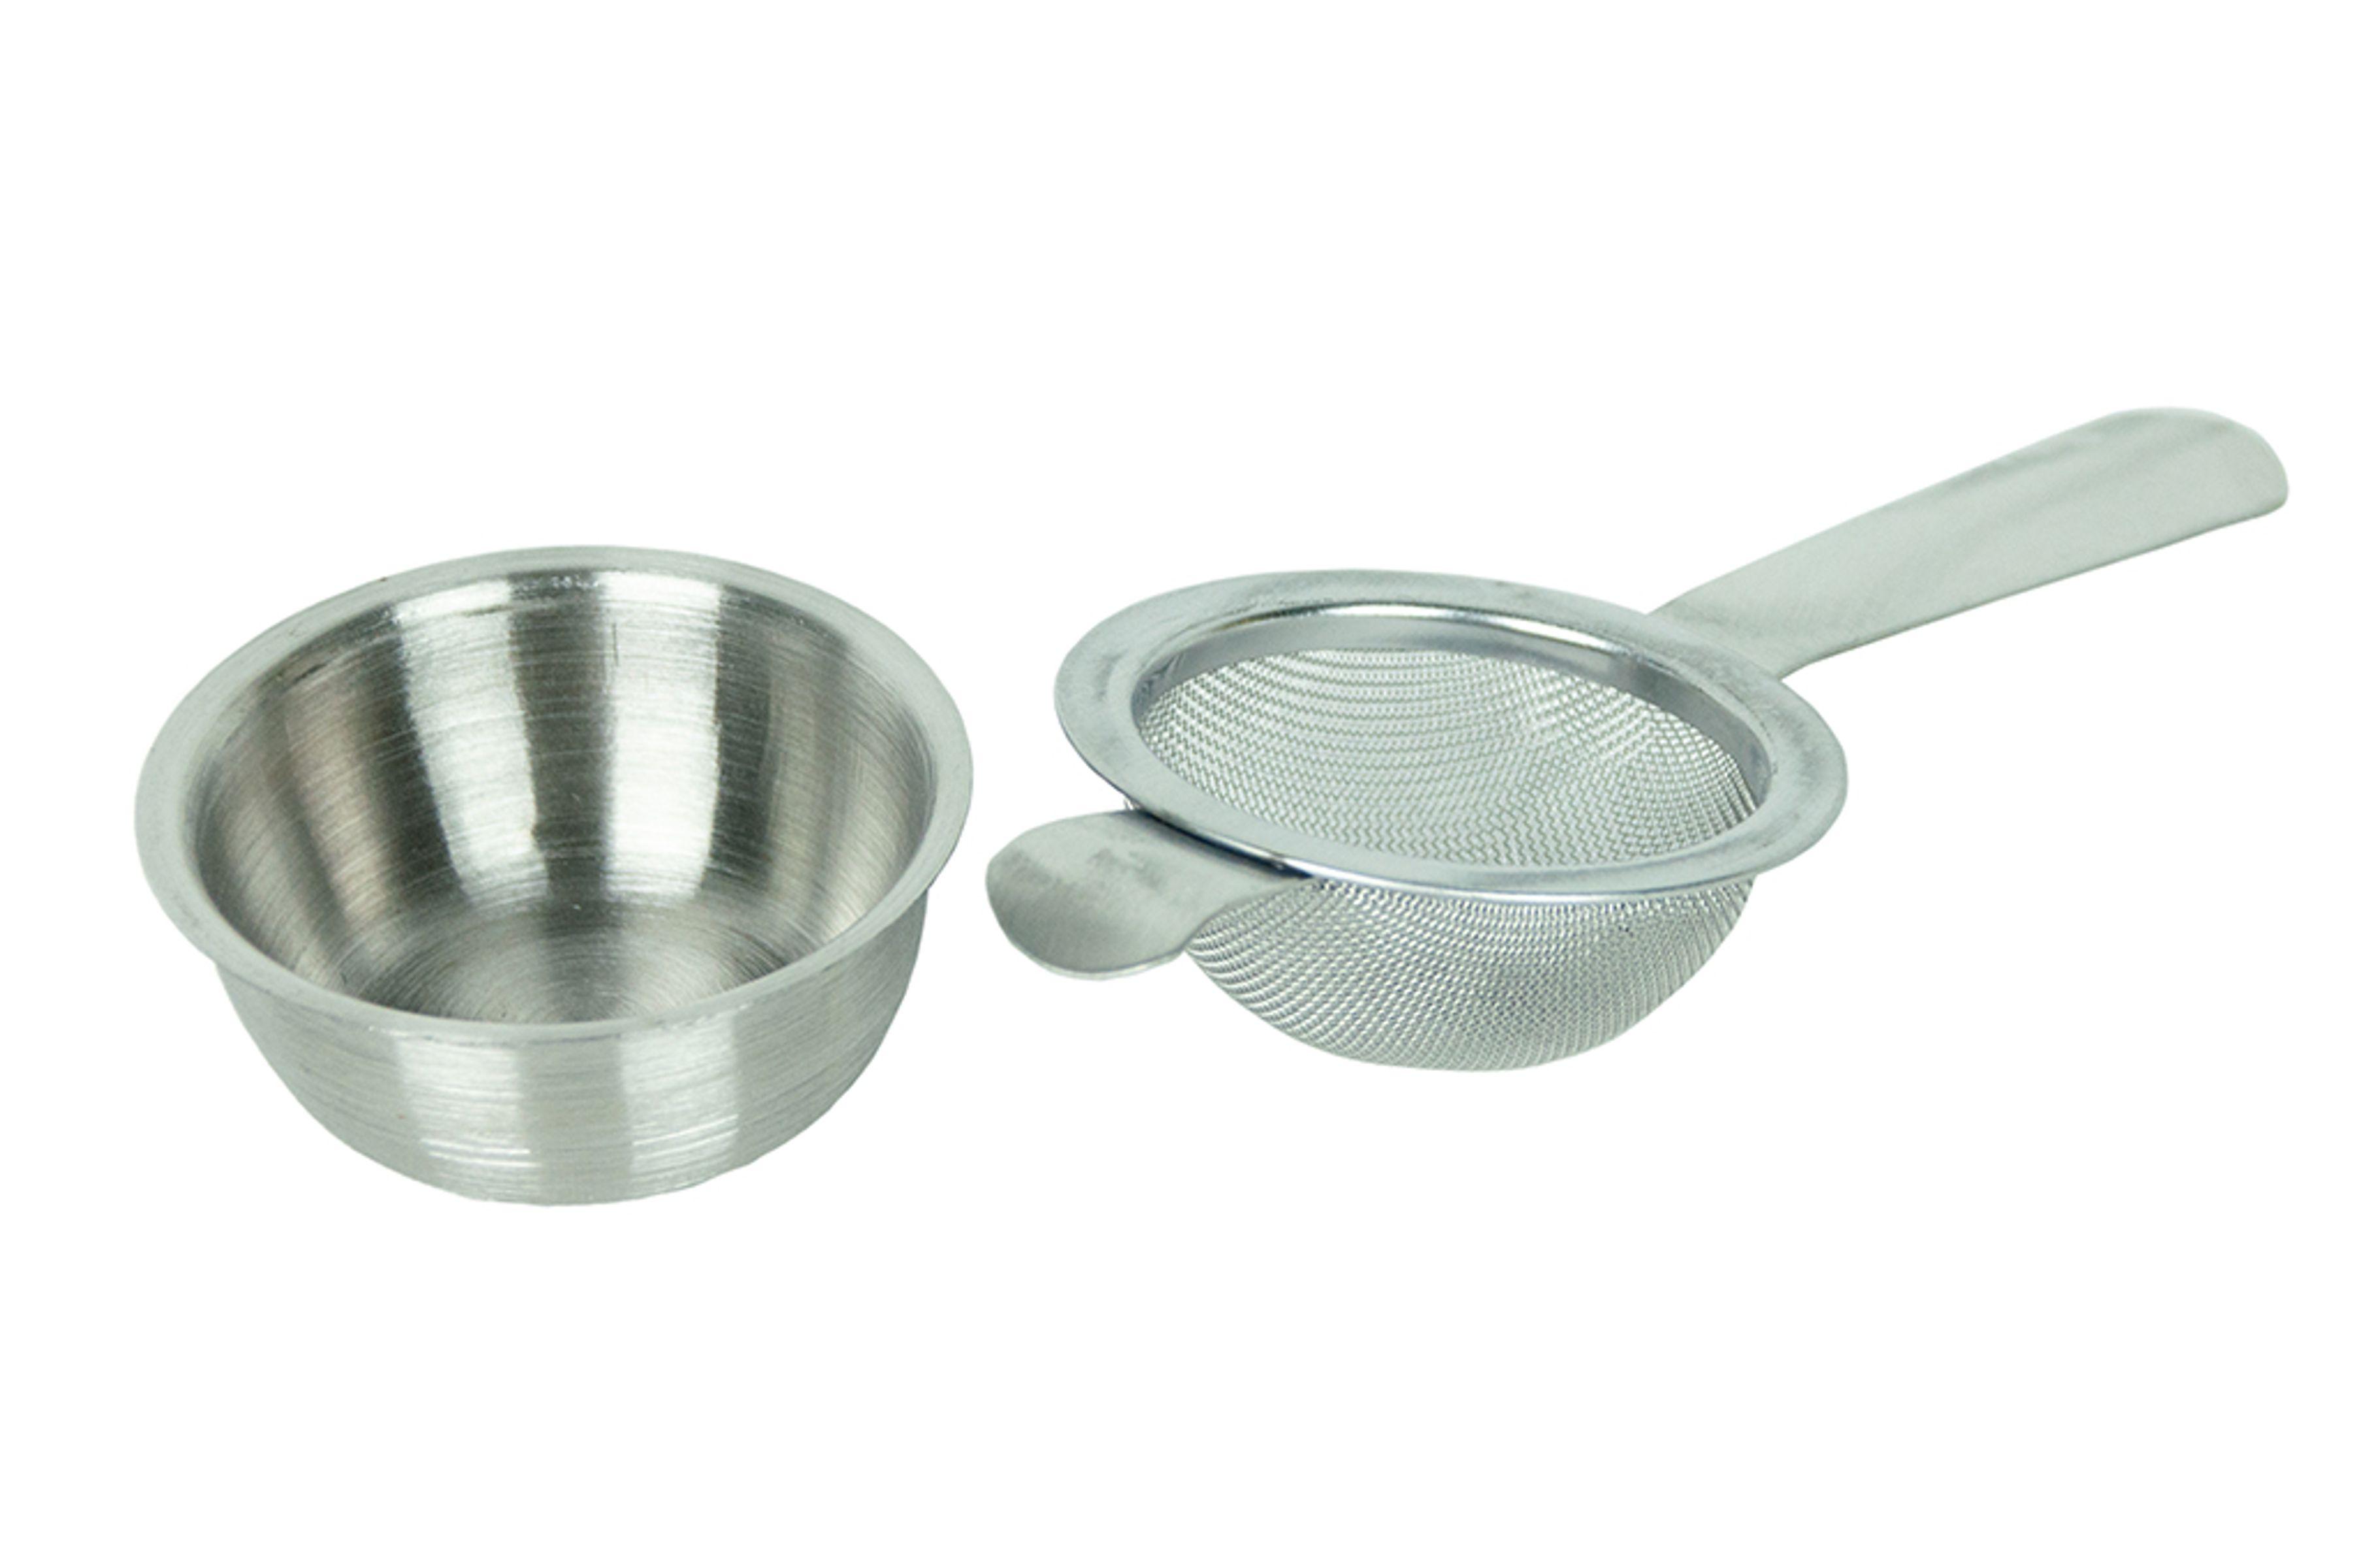 Küchensieb aus Edelstahl Nudelsieb mit Griffen 2 x Abtropfsieb Schüssel